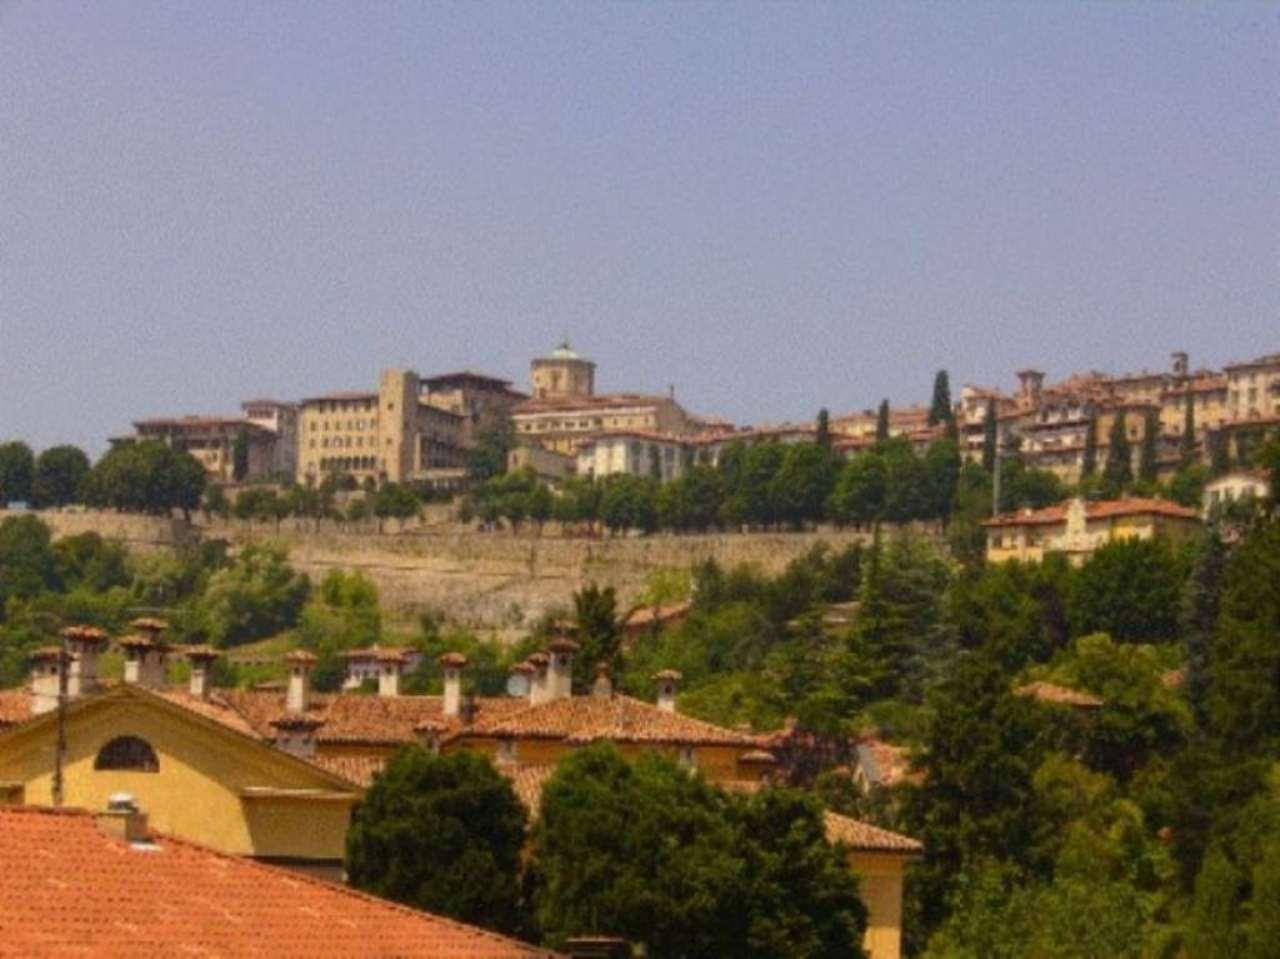 Attico / Mansarda in vendita a Bergamo, 6 locali, prezzo € 1.700.000 | Cambio Casa.it